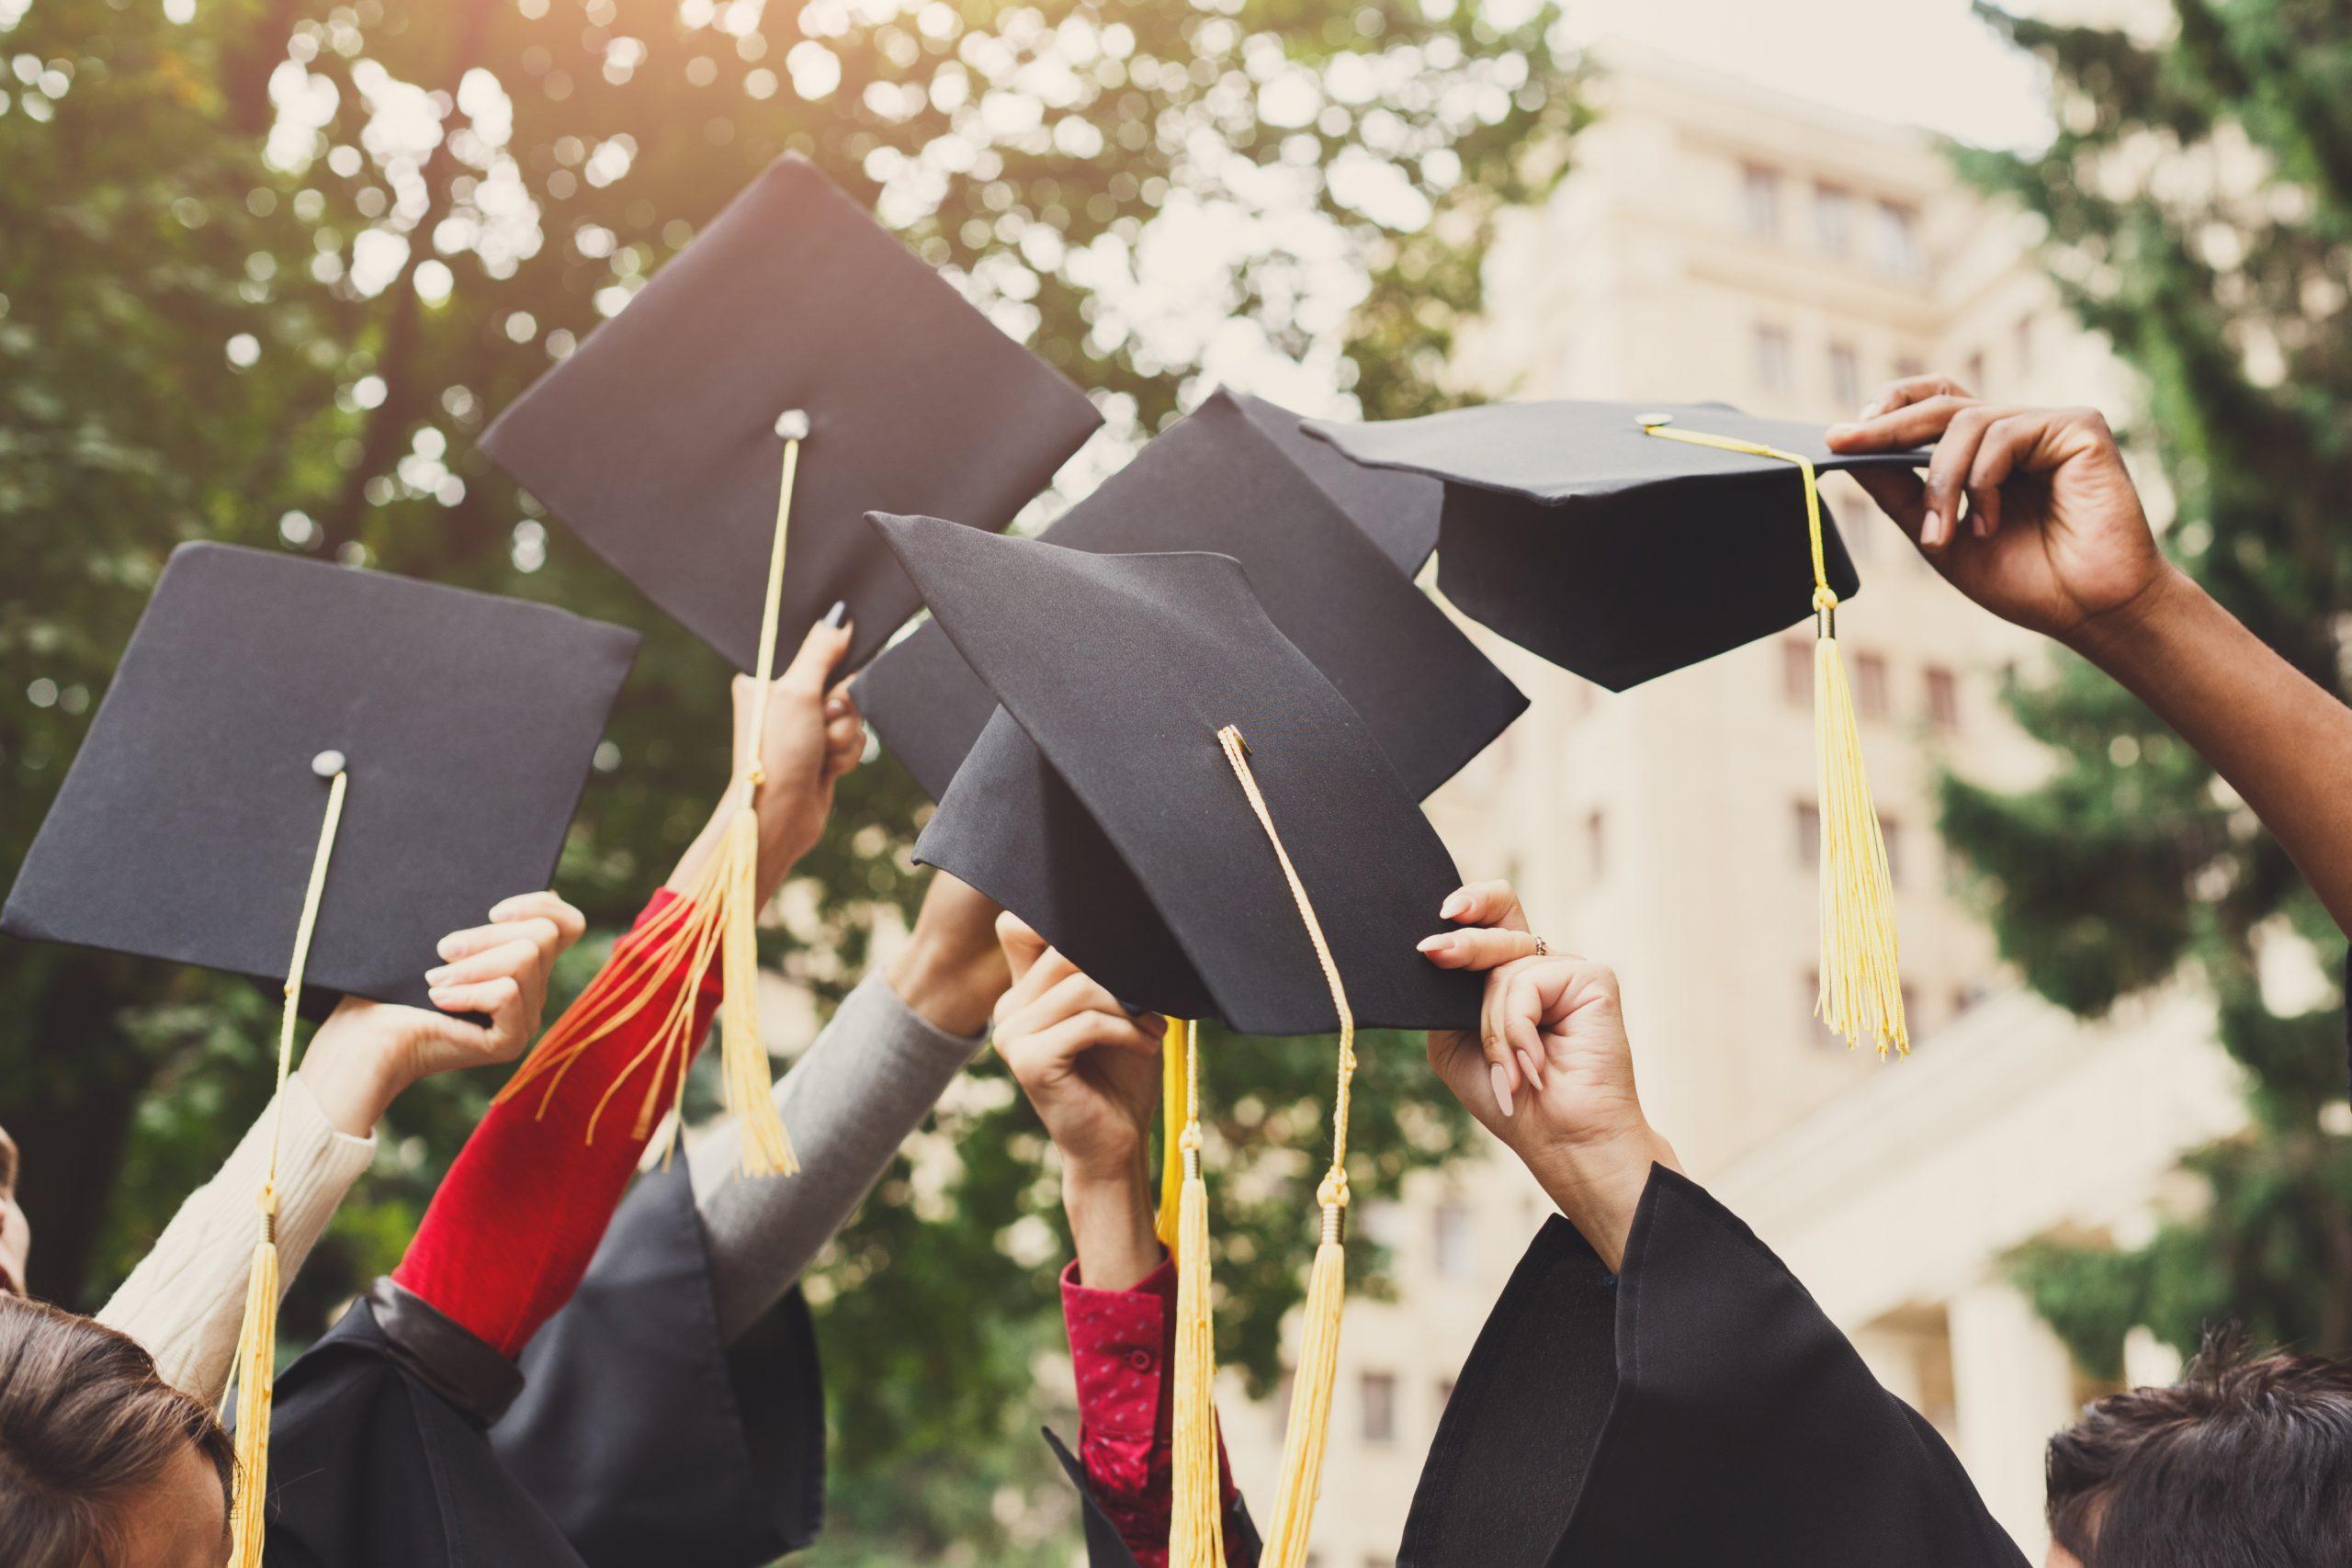 how to ชีวิตมหาวิทยาลัย ชีวิตเด็กหอ นักศึกษา ปัญหาวัยรุ่น มหาวิทยาลัย วิธีปรับตัว เด็กปีหนึ่ง เฟรชชี่ เรียนต่อมหาวิทยาลัย